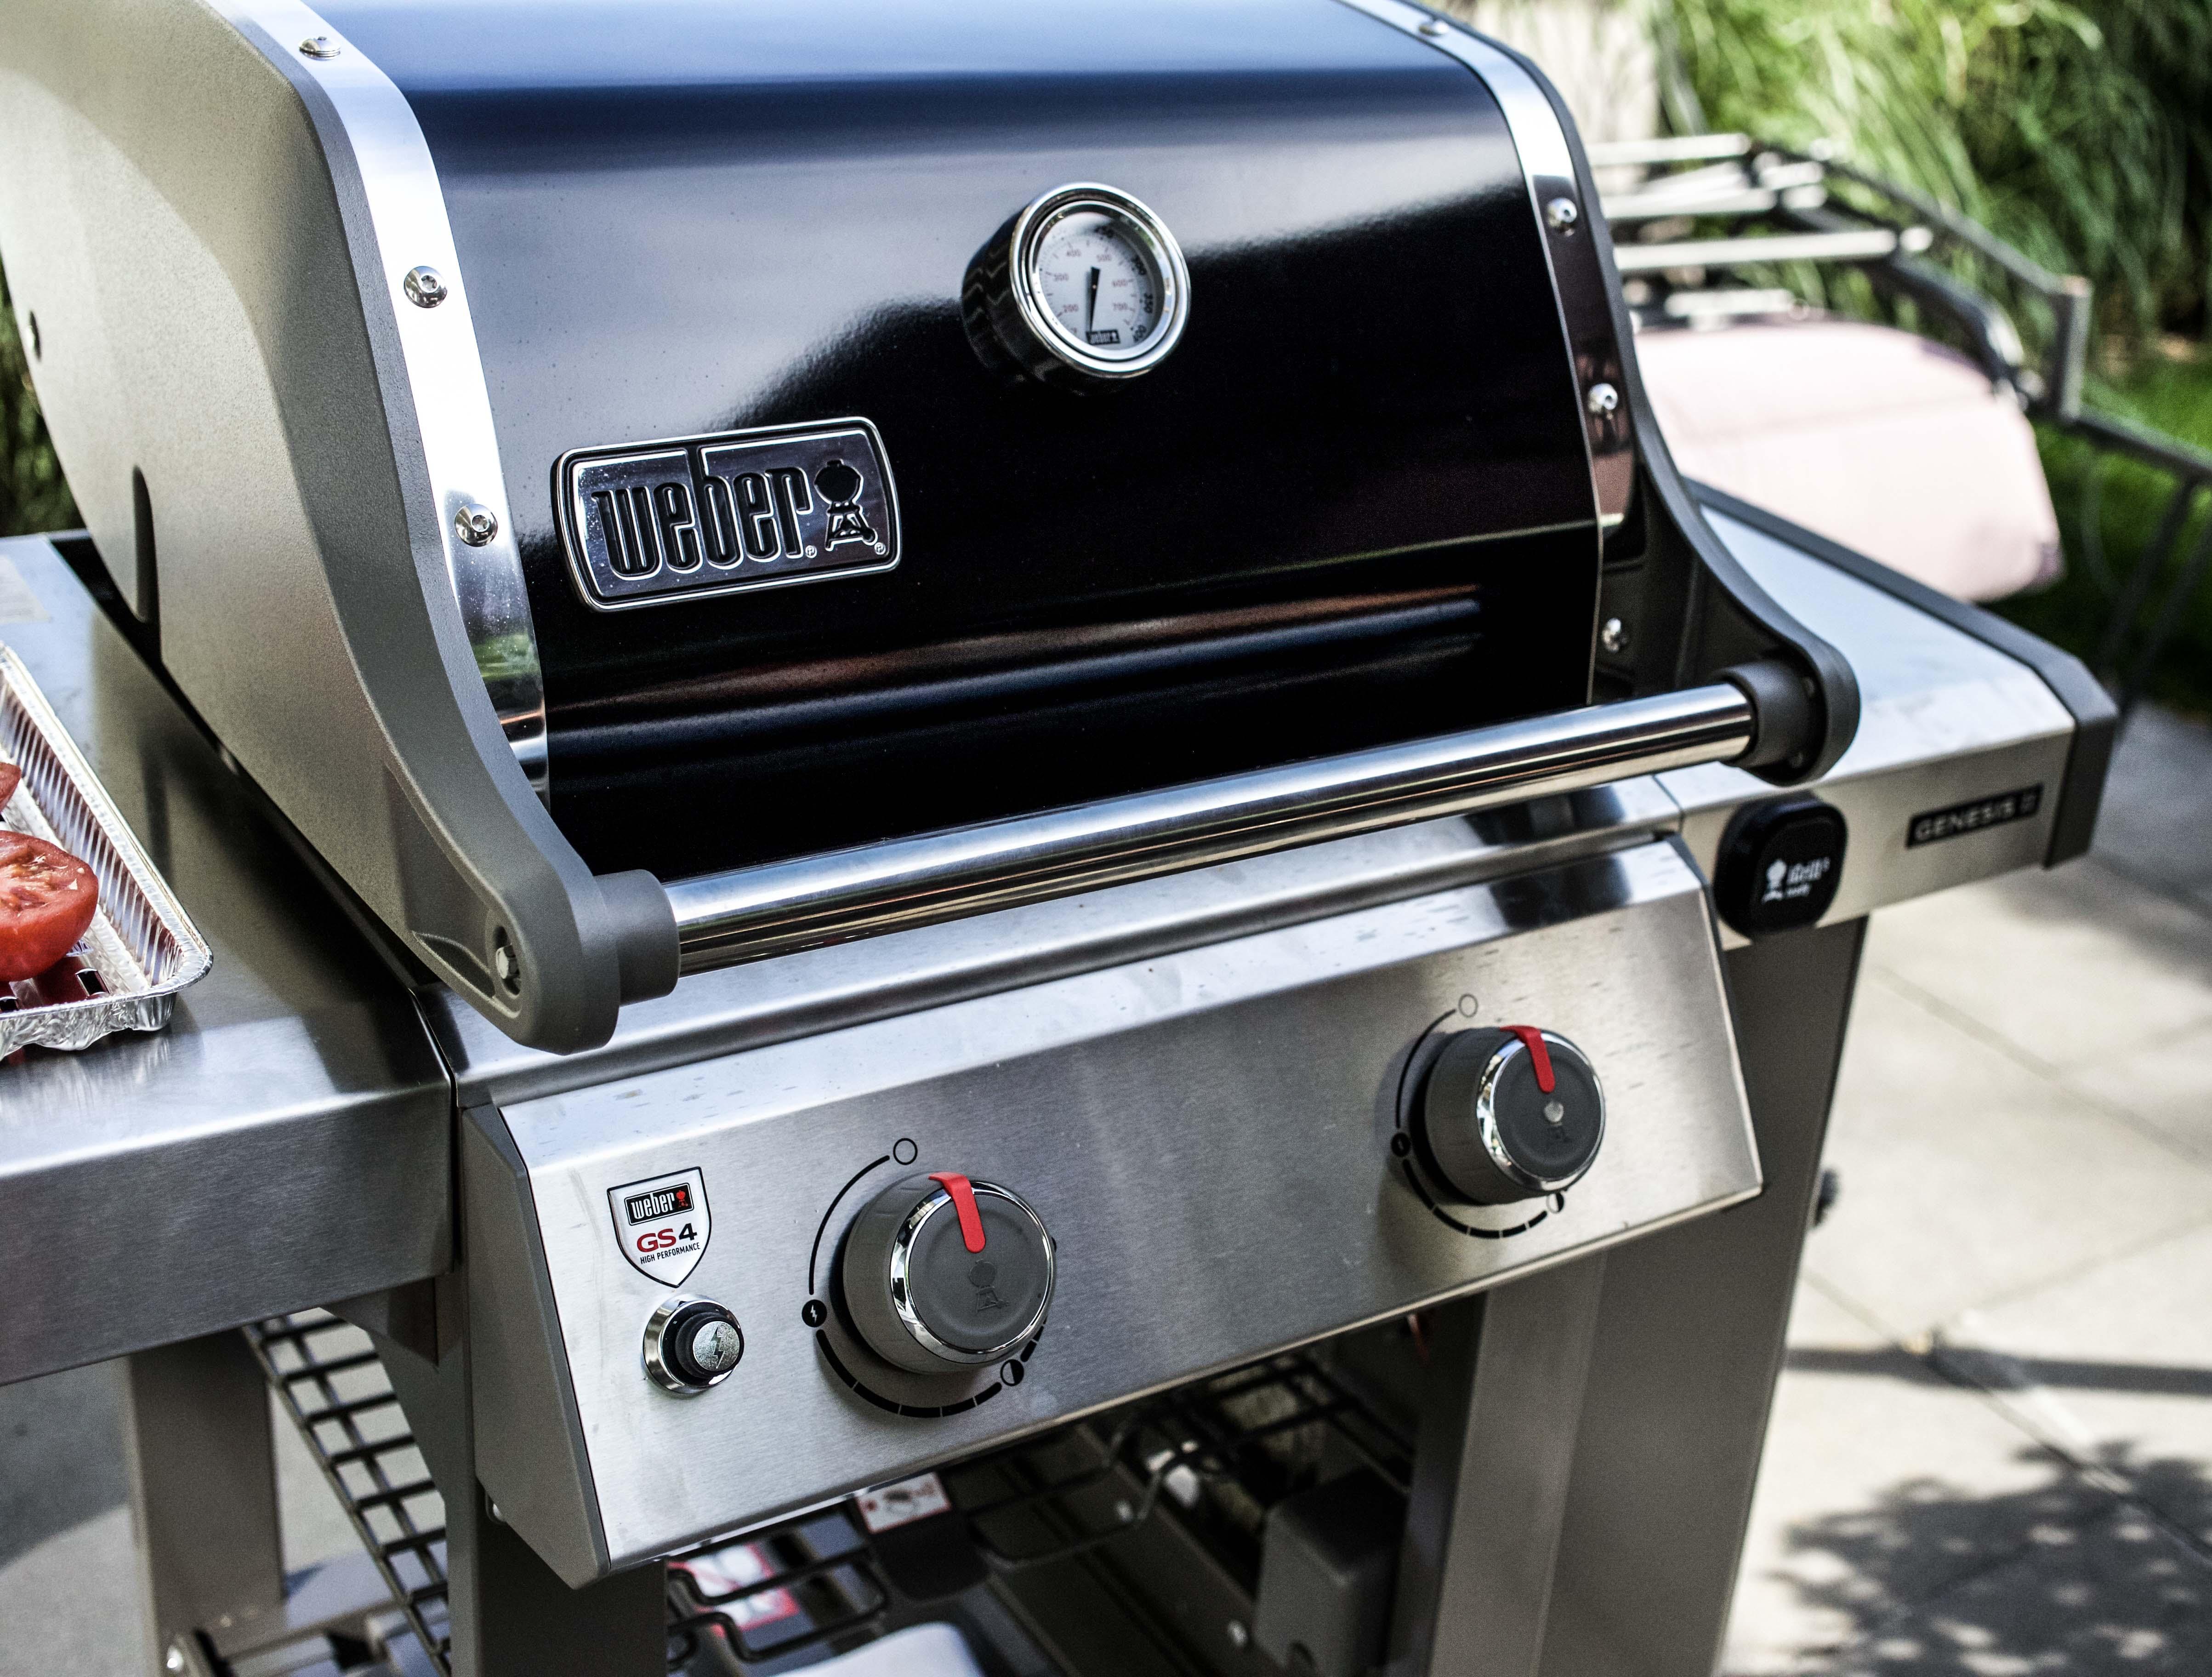 grill-reihe-selbstgemachte-grill-saucen-grillparty-weber-food-essen-grillen_0072